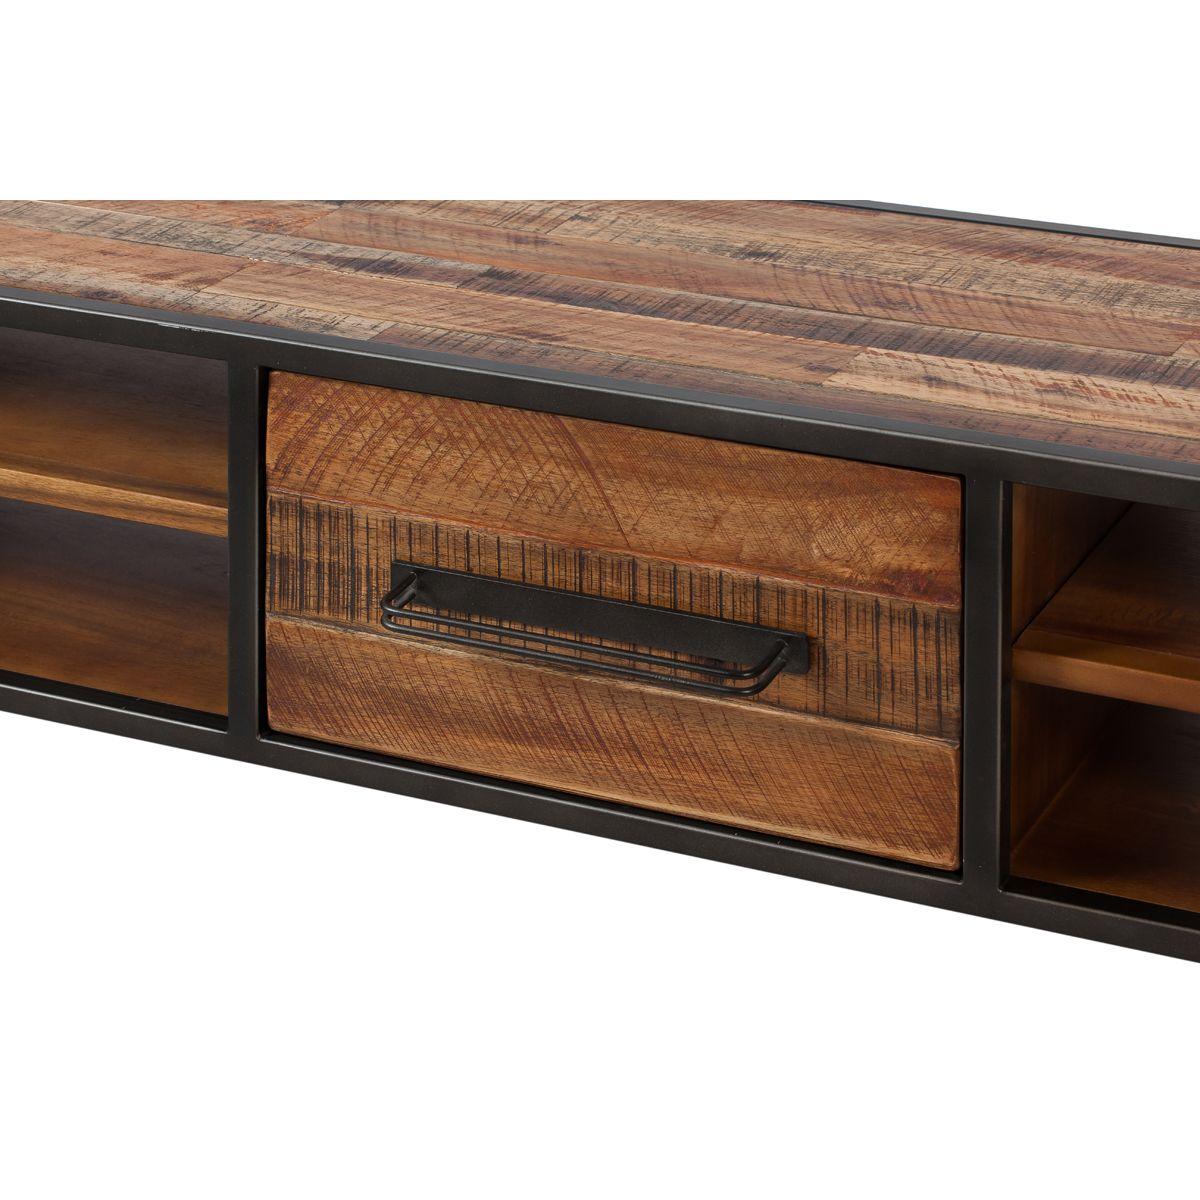 Meuble tv style industriel bois et m tal avec tiroir cusco for Meuble tv zago